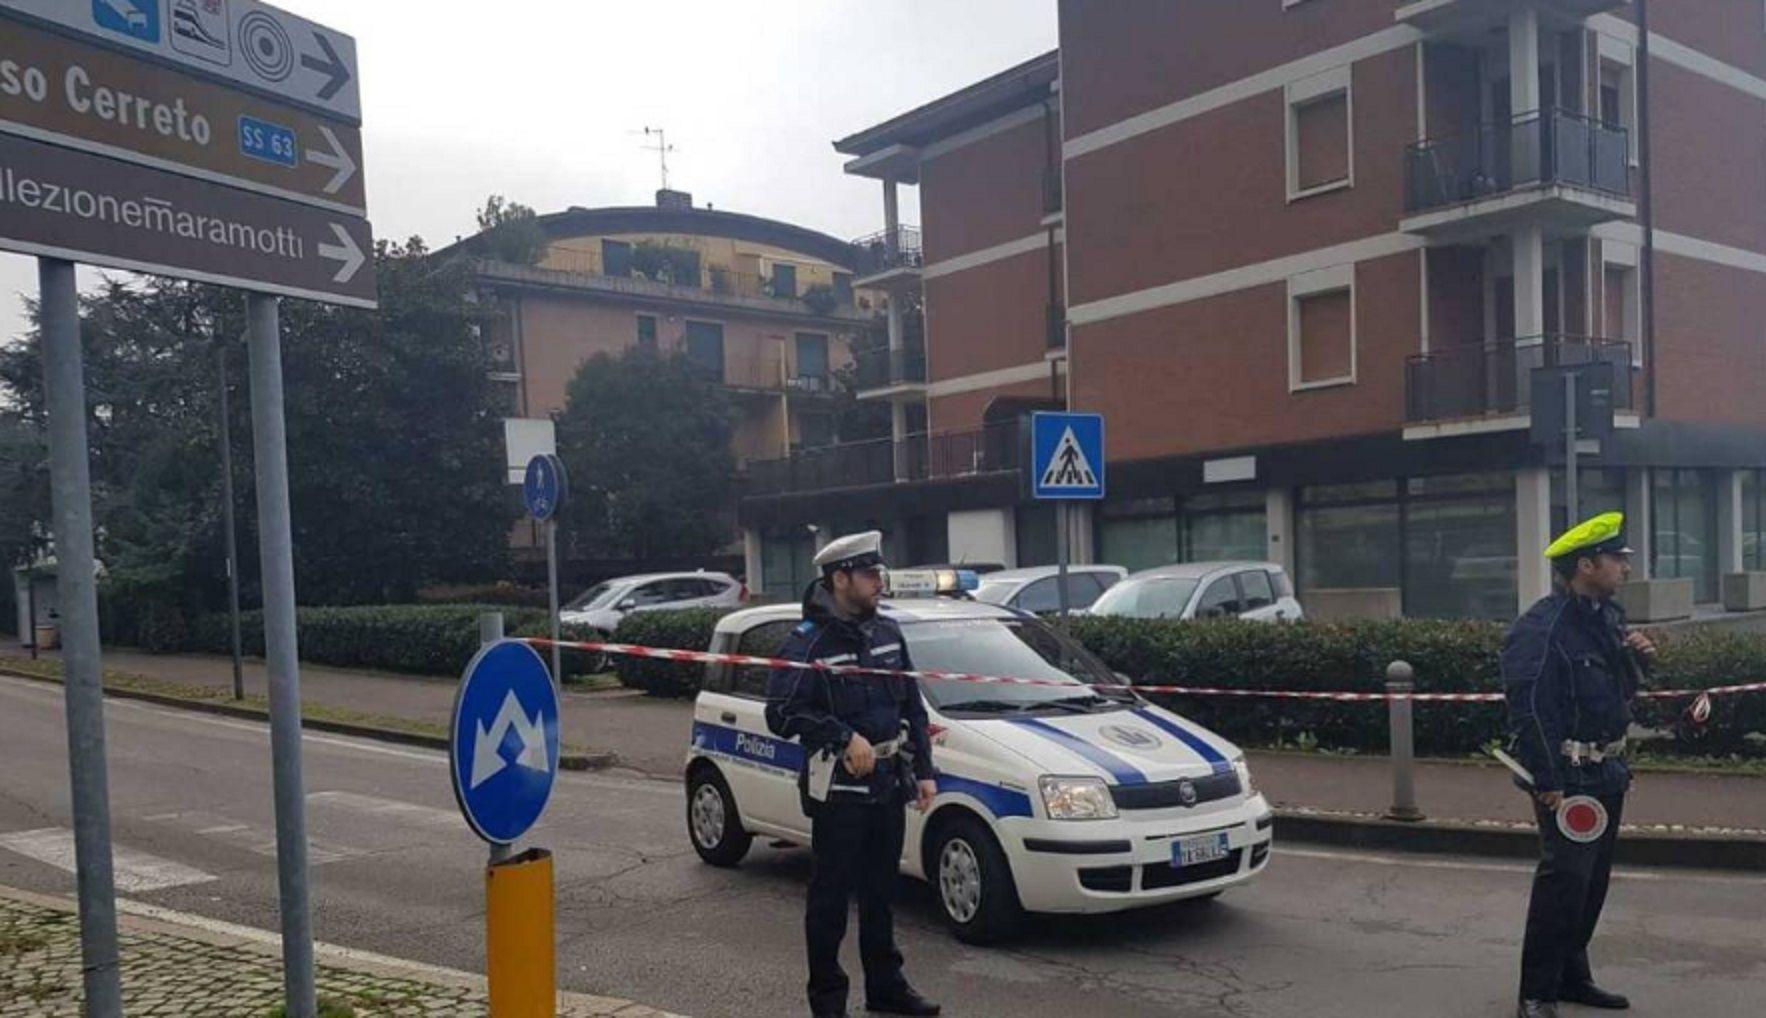 Se entregó el mafioso que tenía 4 rehenes en una oficina de correos en Italia